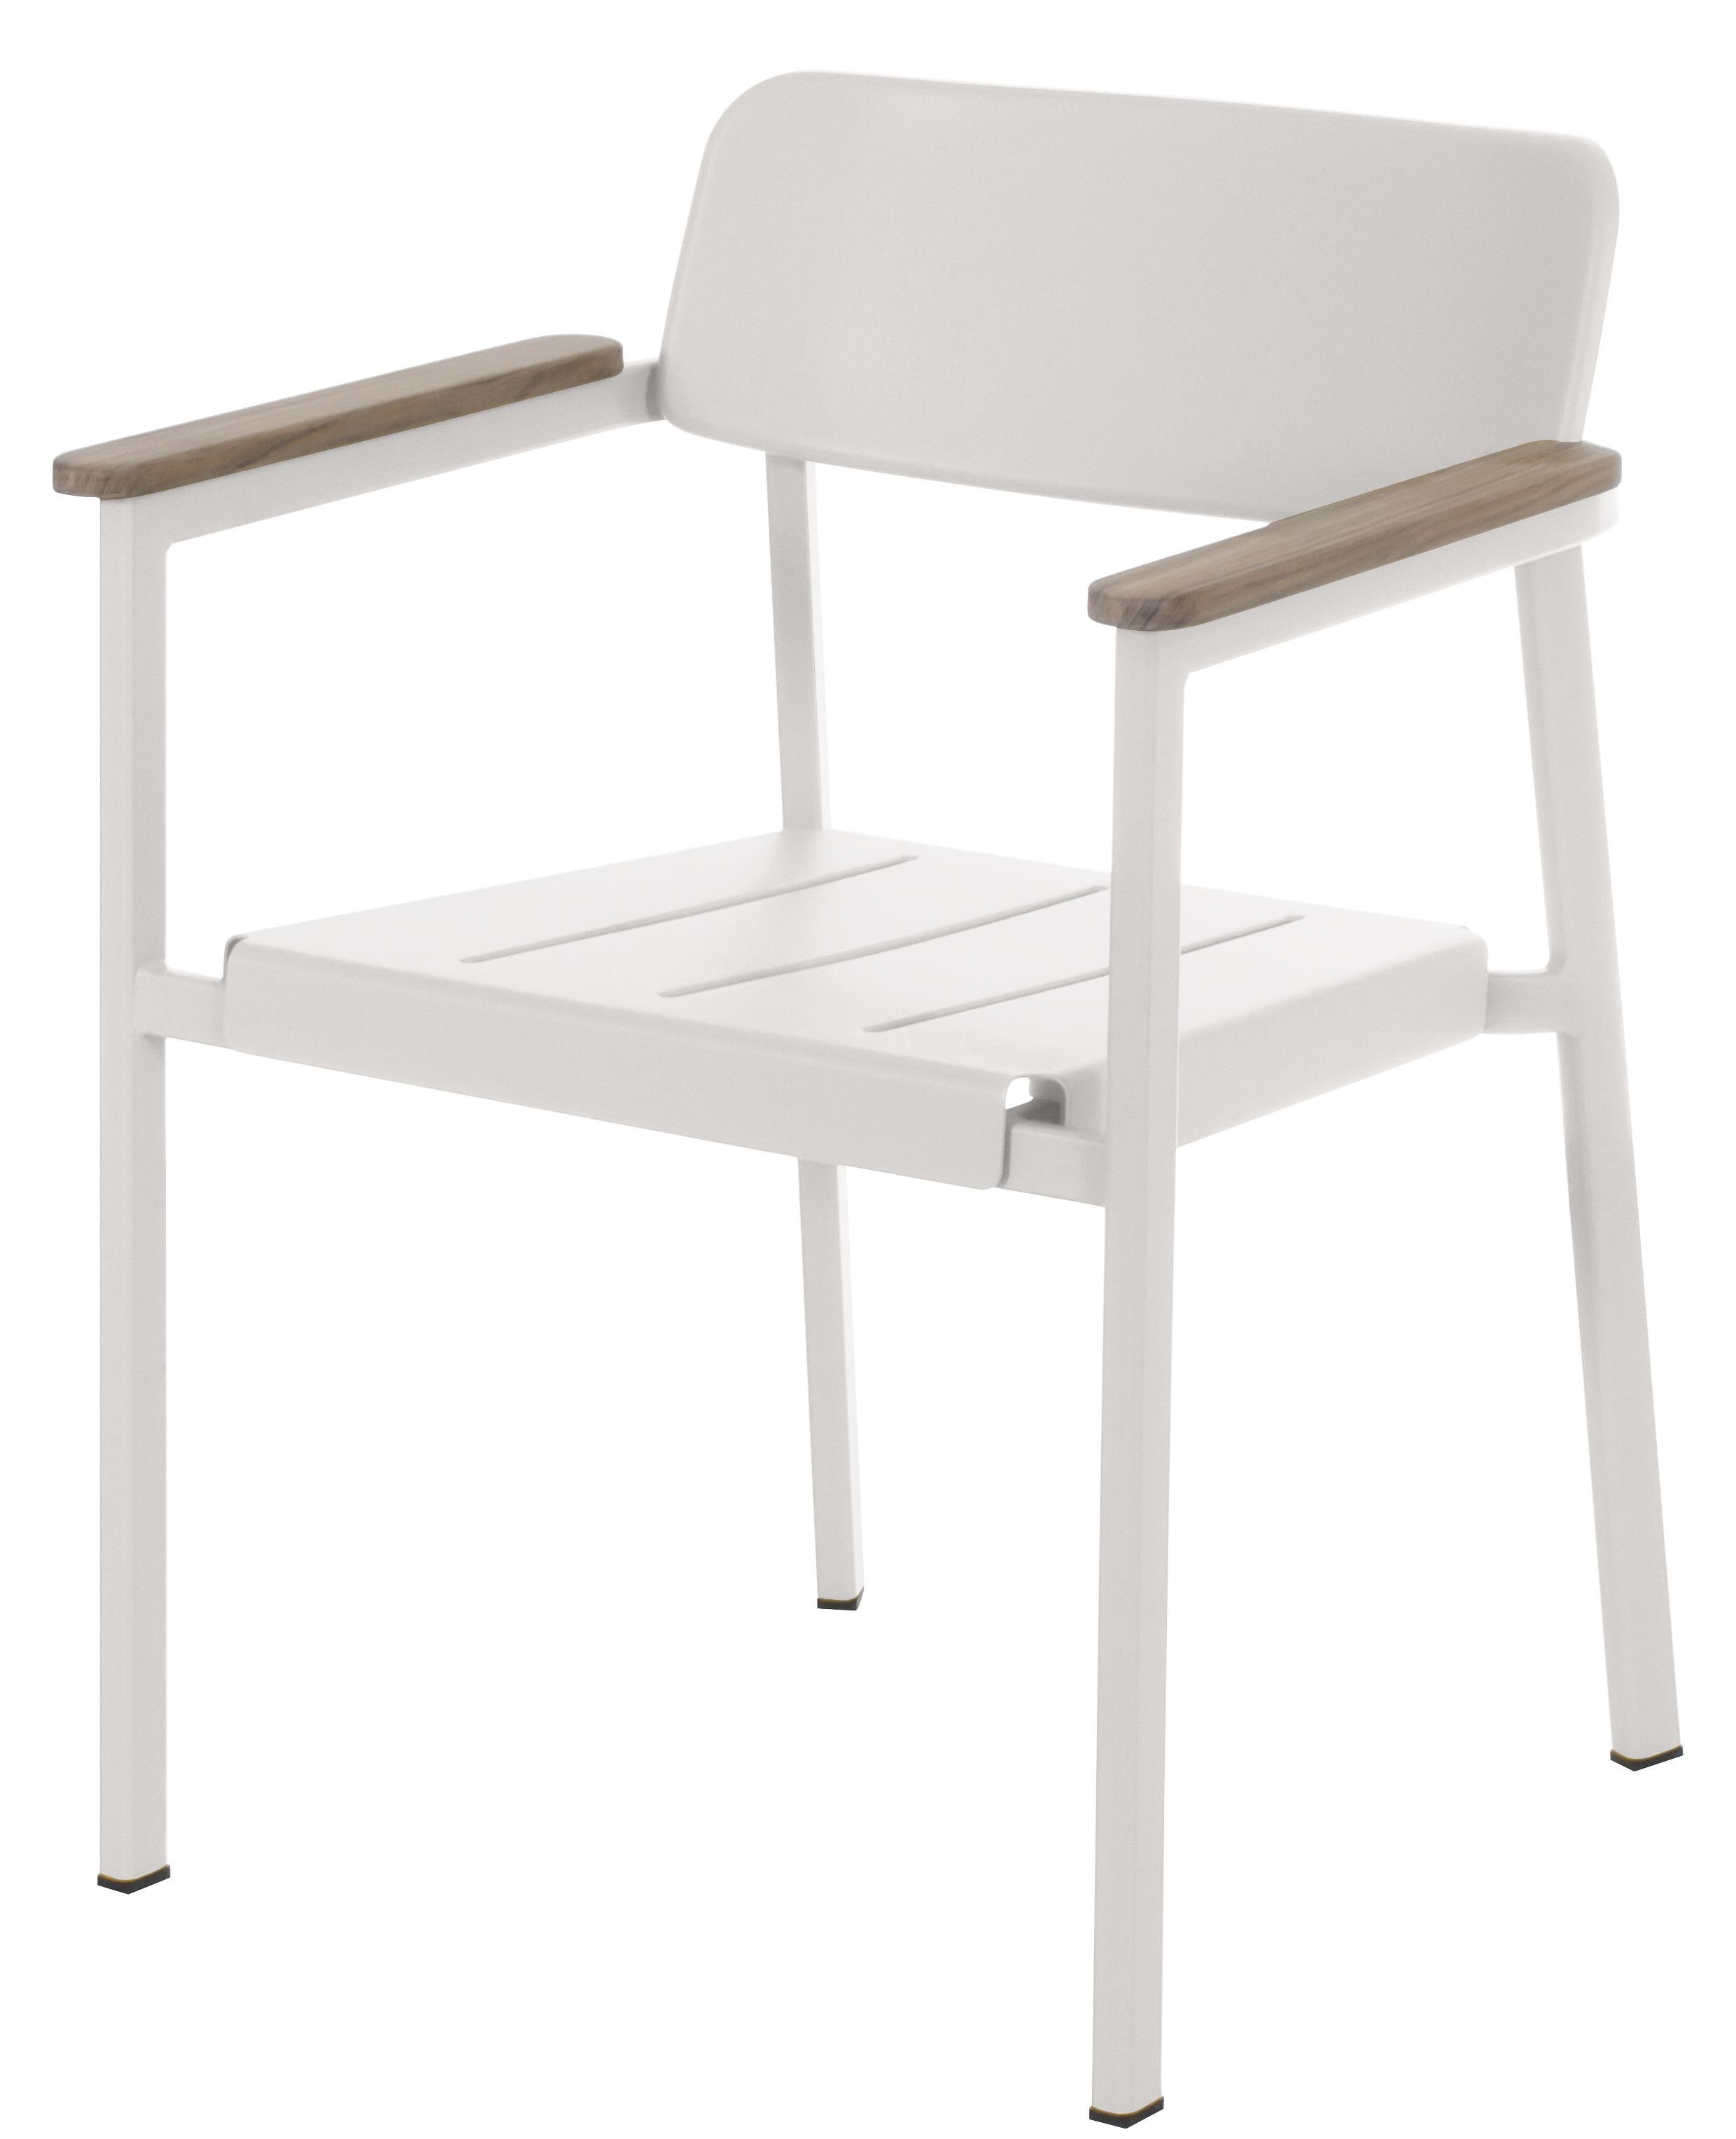 Mobilier - Chaises, fauteuils de salle à manger - Fauteuil empilable Shine / Métal & accoudoirs bois - Emu - Blanc / Accoudoirs teck - Aluminium verni, Teck